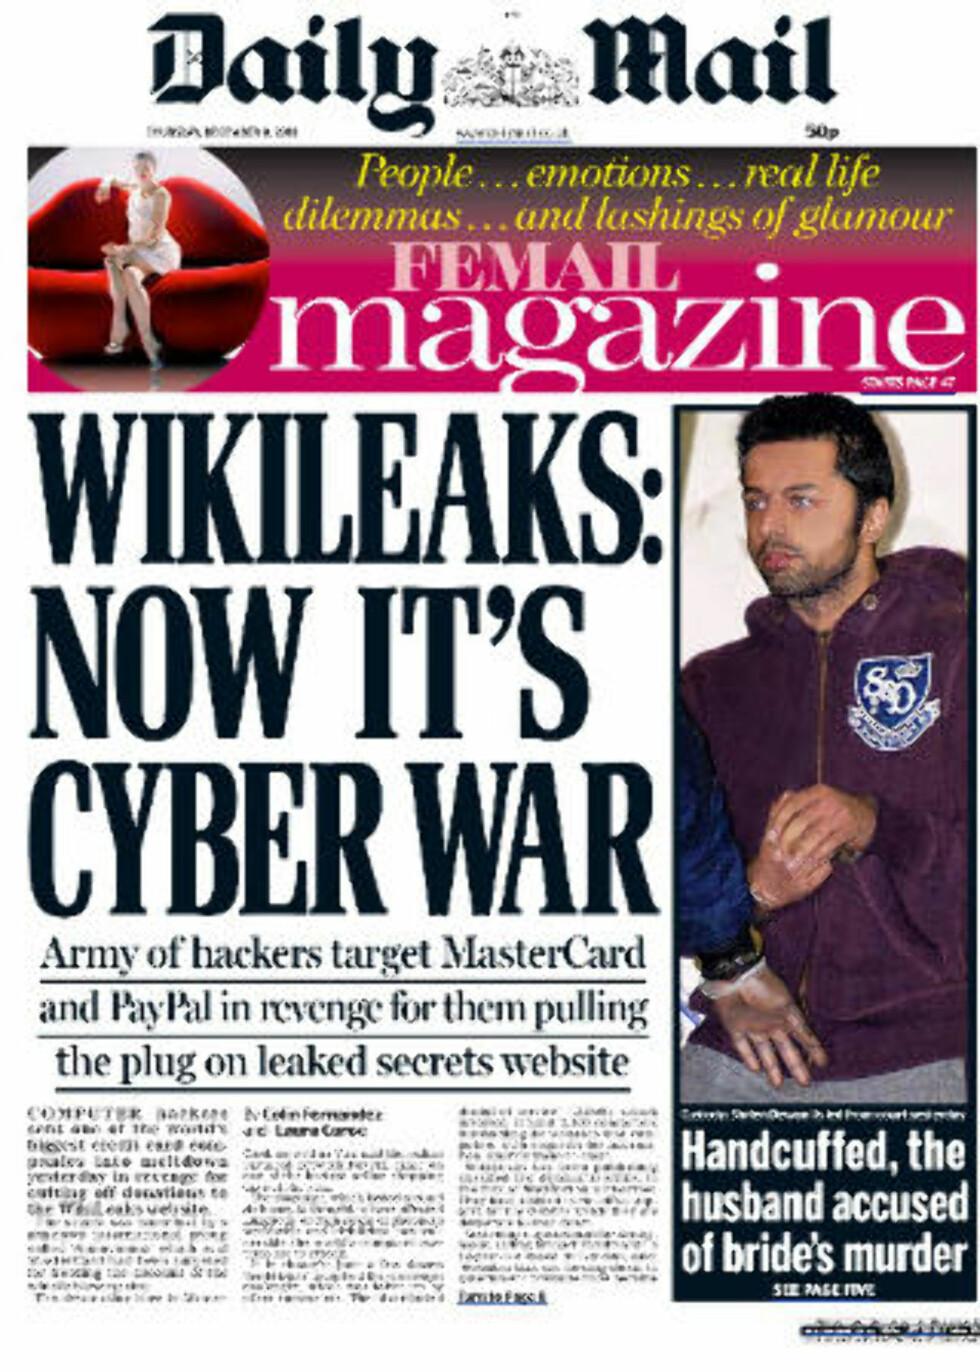 KRIG: Den britiske avisa Daily Mail slår i dag stort opp at en hær av hackere har satt i gang hevnangrep mot Mastercard og PayPal. (Faksimile)